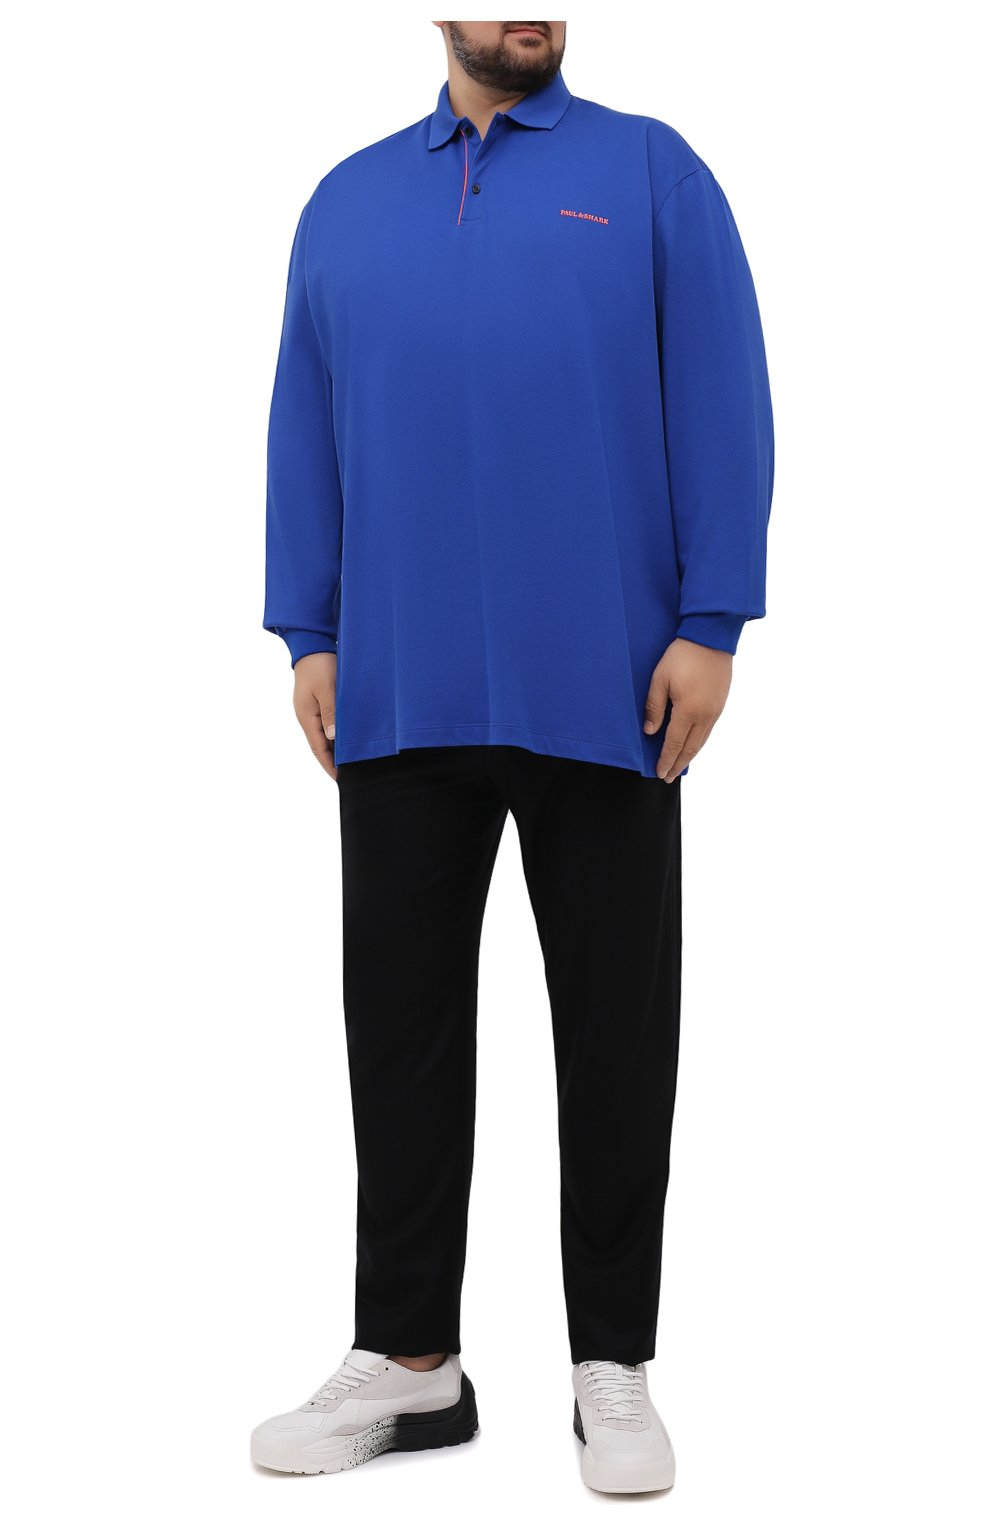 Мужские брюки из шерсти и кашемира MARCO PESCAROLO черного цвета, арт. CHIAIAM/ZIP+SFILA/4438 | Фото 2 (Материал внешний: Шерсть, Кашемир; Длина (брюки, джинсы): Стандартные; Случай: Повседневный; Стили: Кэжуэл)